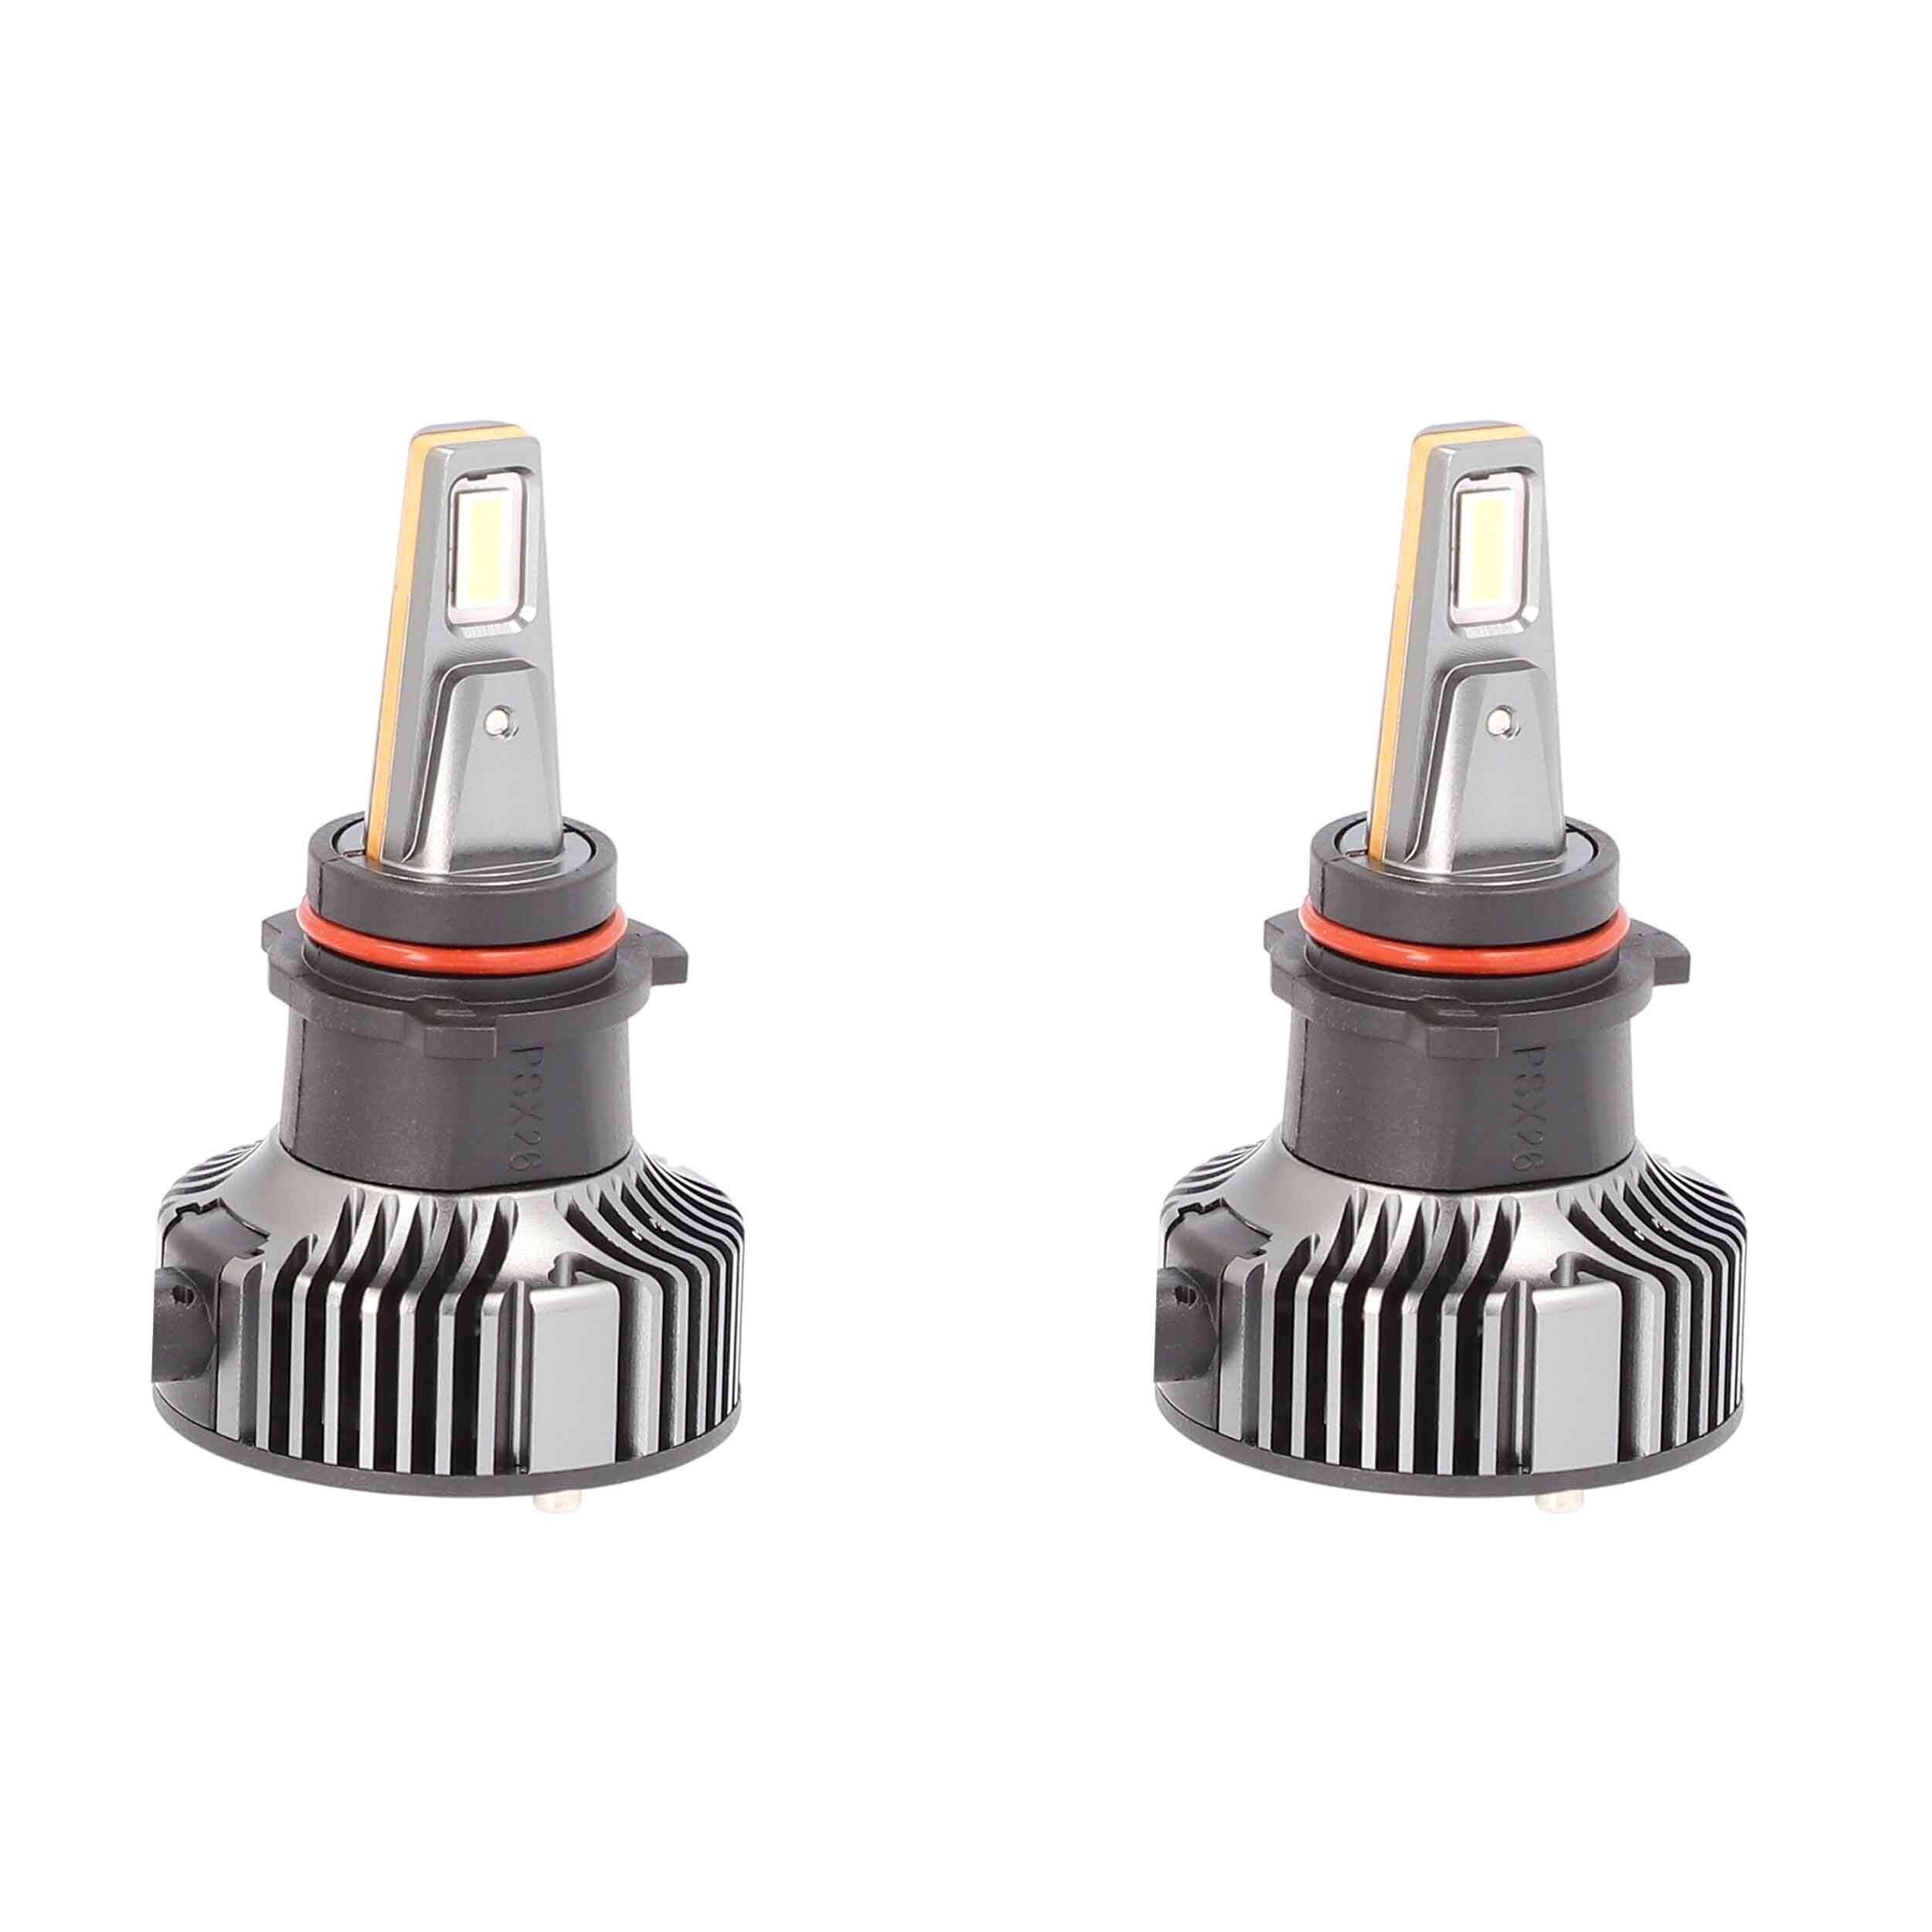 PSX26 Pro Series LED Kit - Single Beam